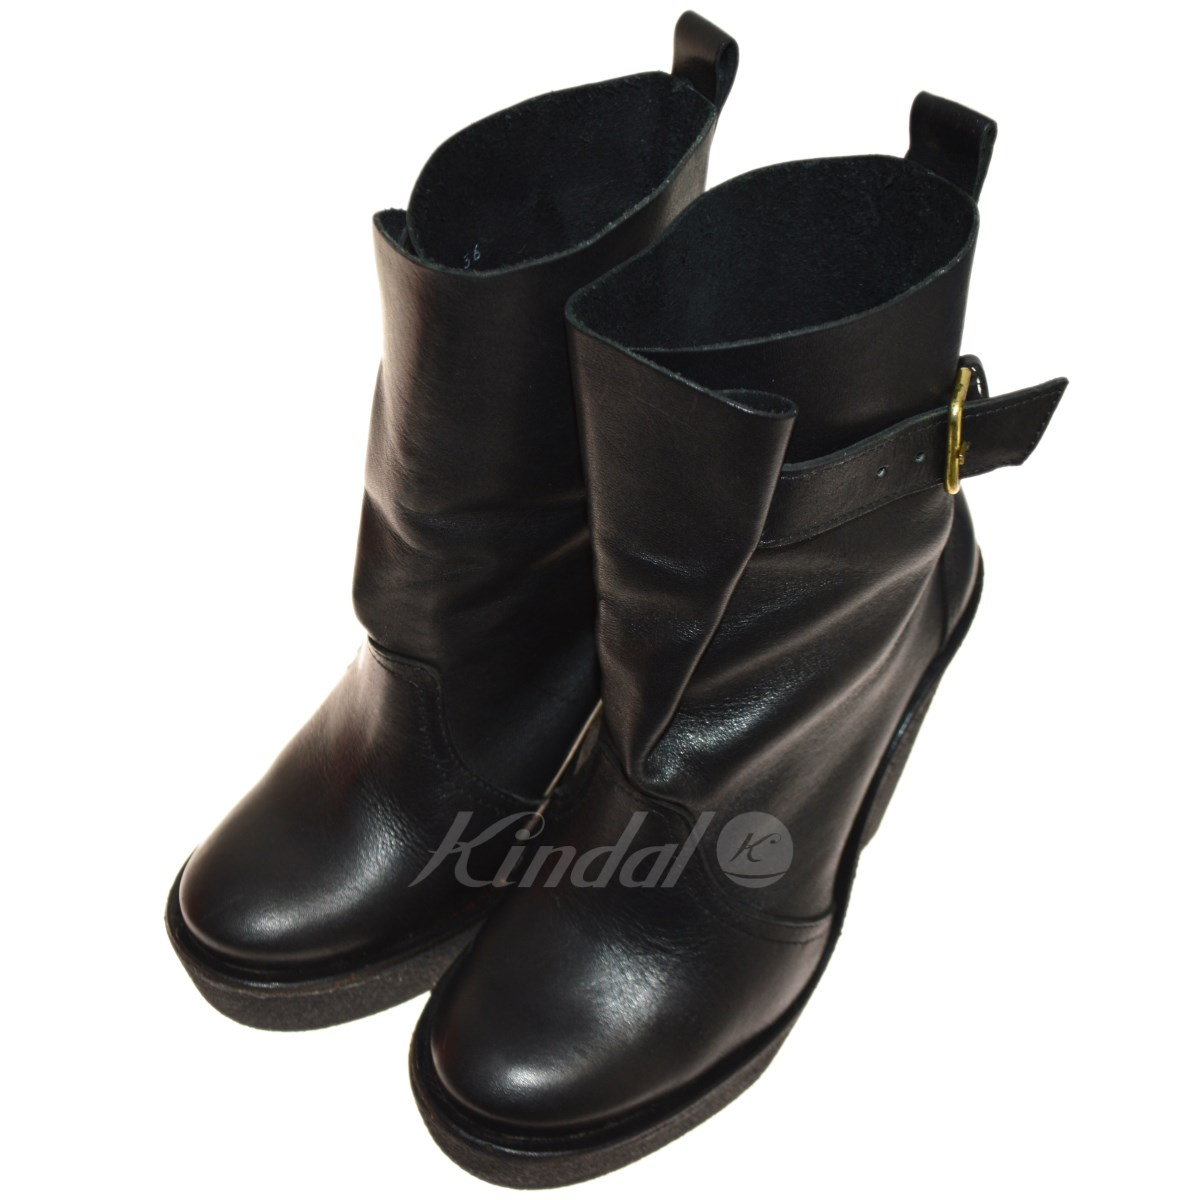 【中古】PIERRE HARDY ウェッジソールブーツ ブラック サイズ:36 【送料無料】 【191018】(ピエールアルディ)